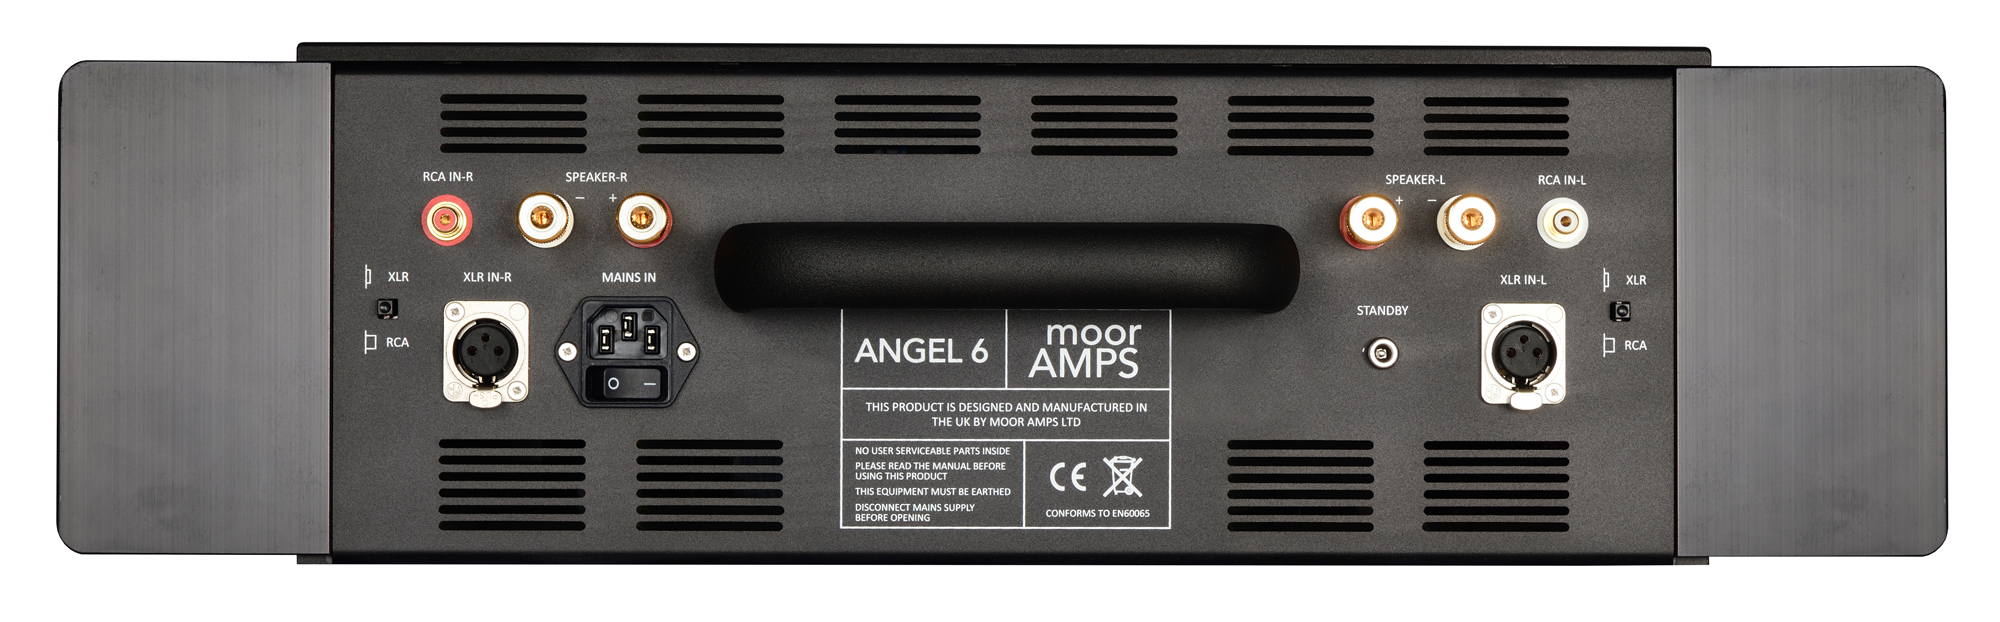 Angel6-back-MOORAMPS